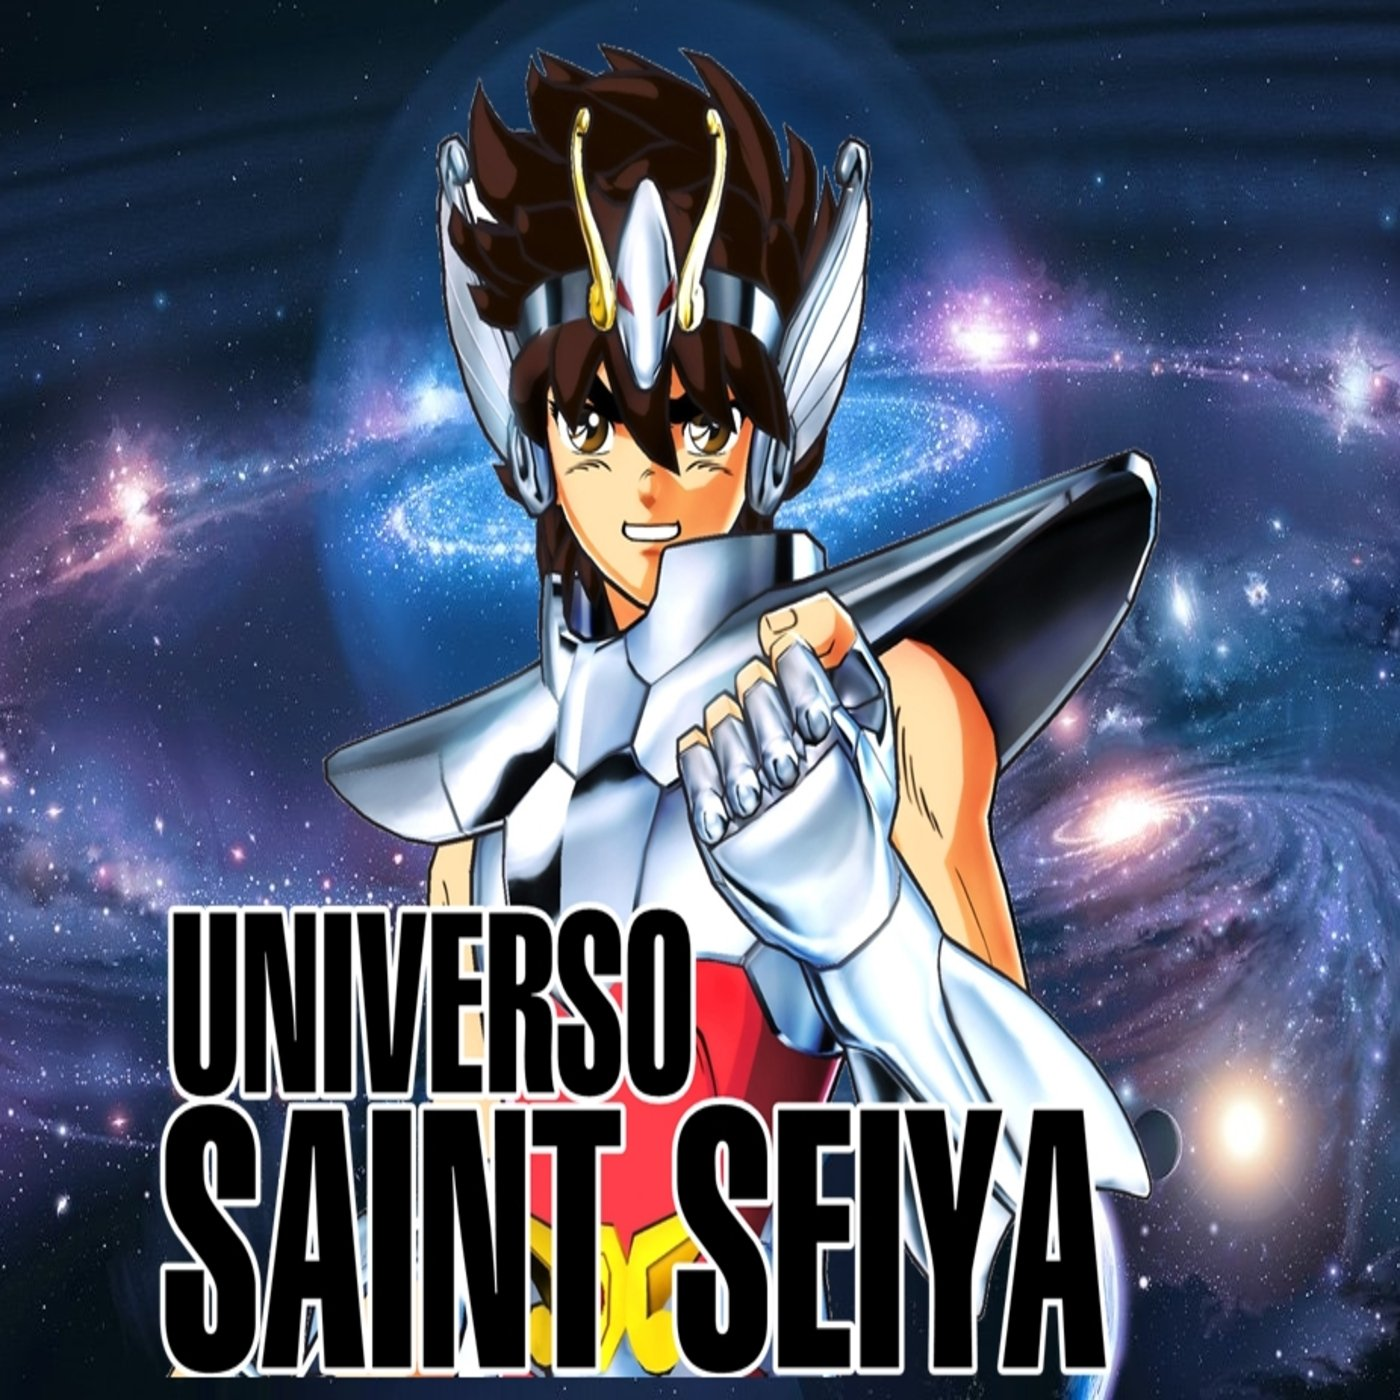 <![CDATA[Universo Saint Seiya - Caballeros del Zodiaco]]>